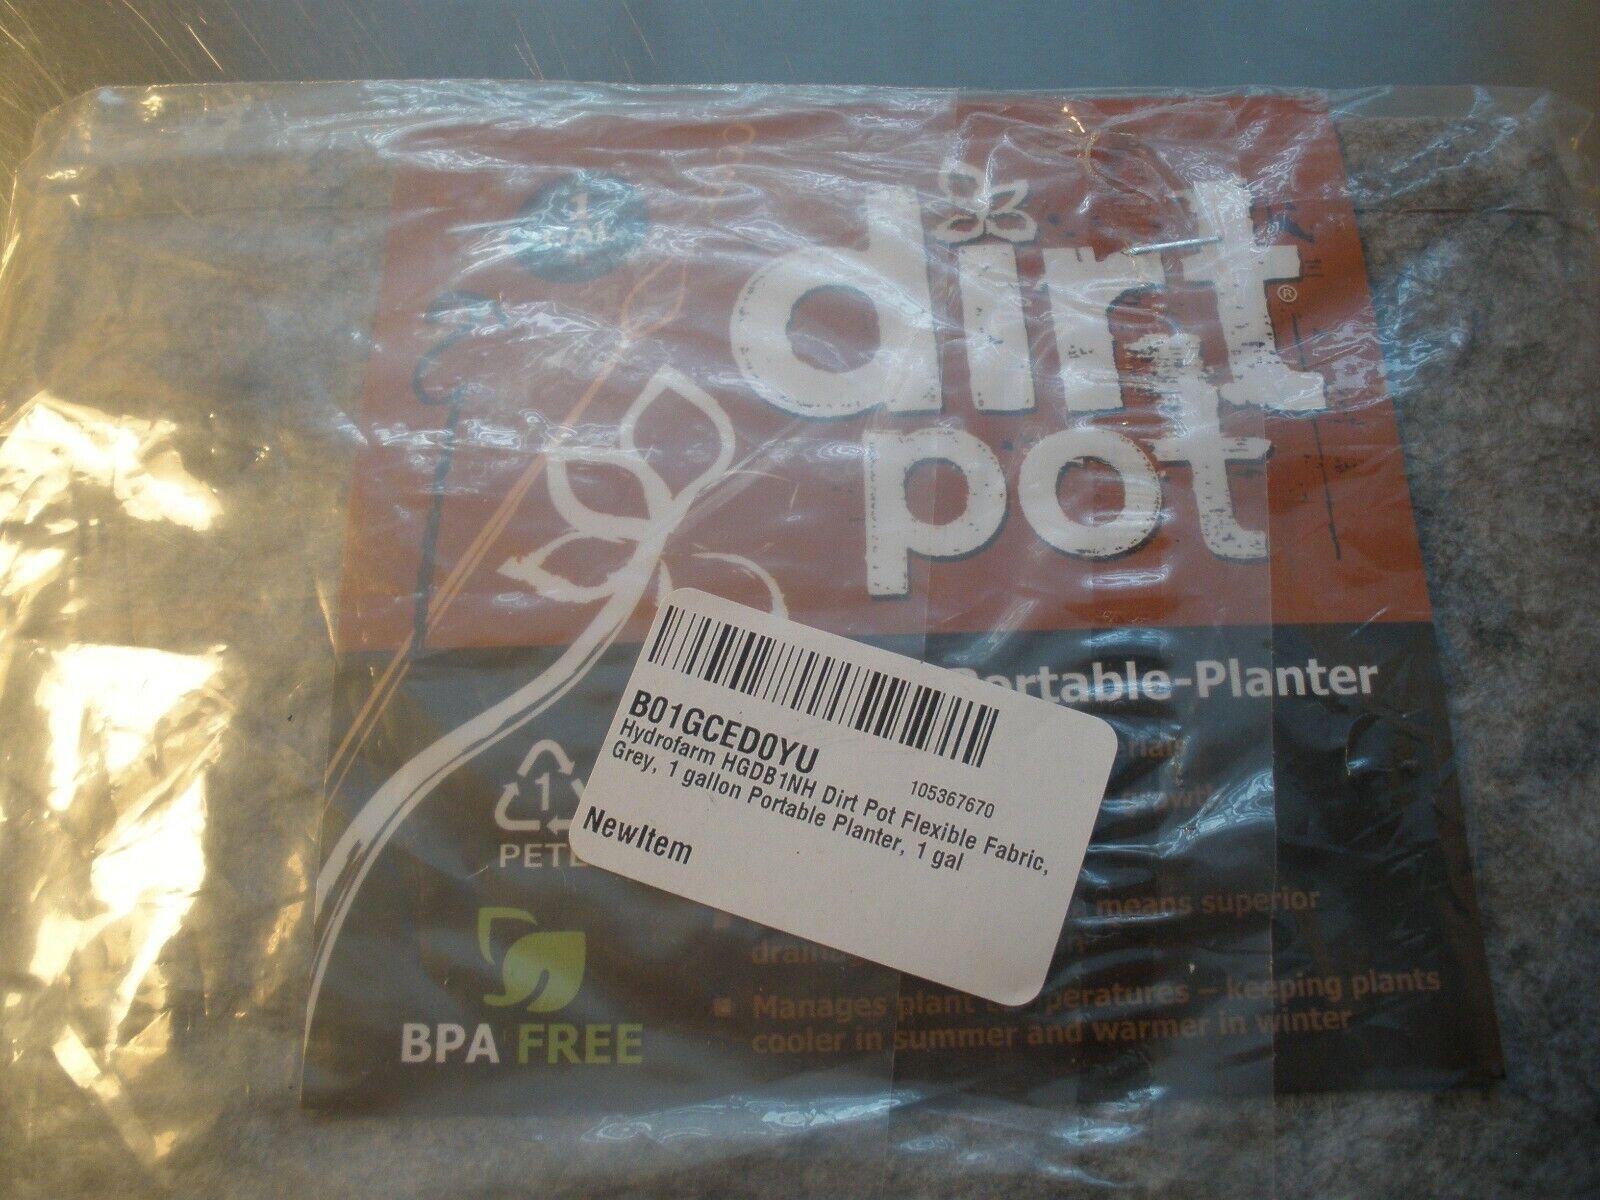 Hydrofarm HGDB Dirt Pot Planters-1 Gallon-New